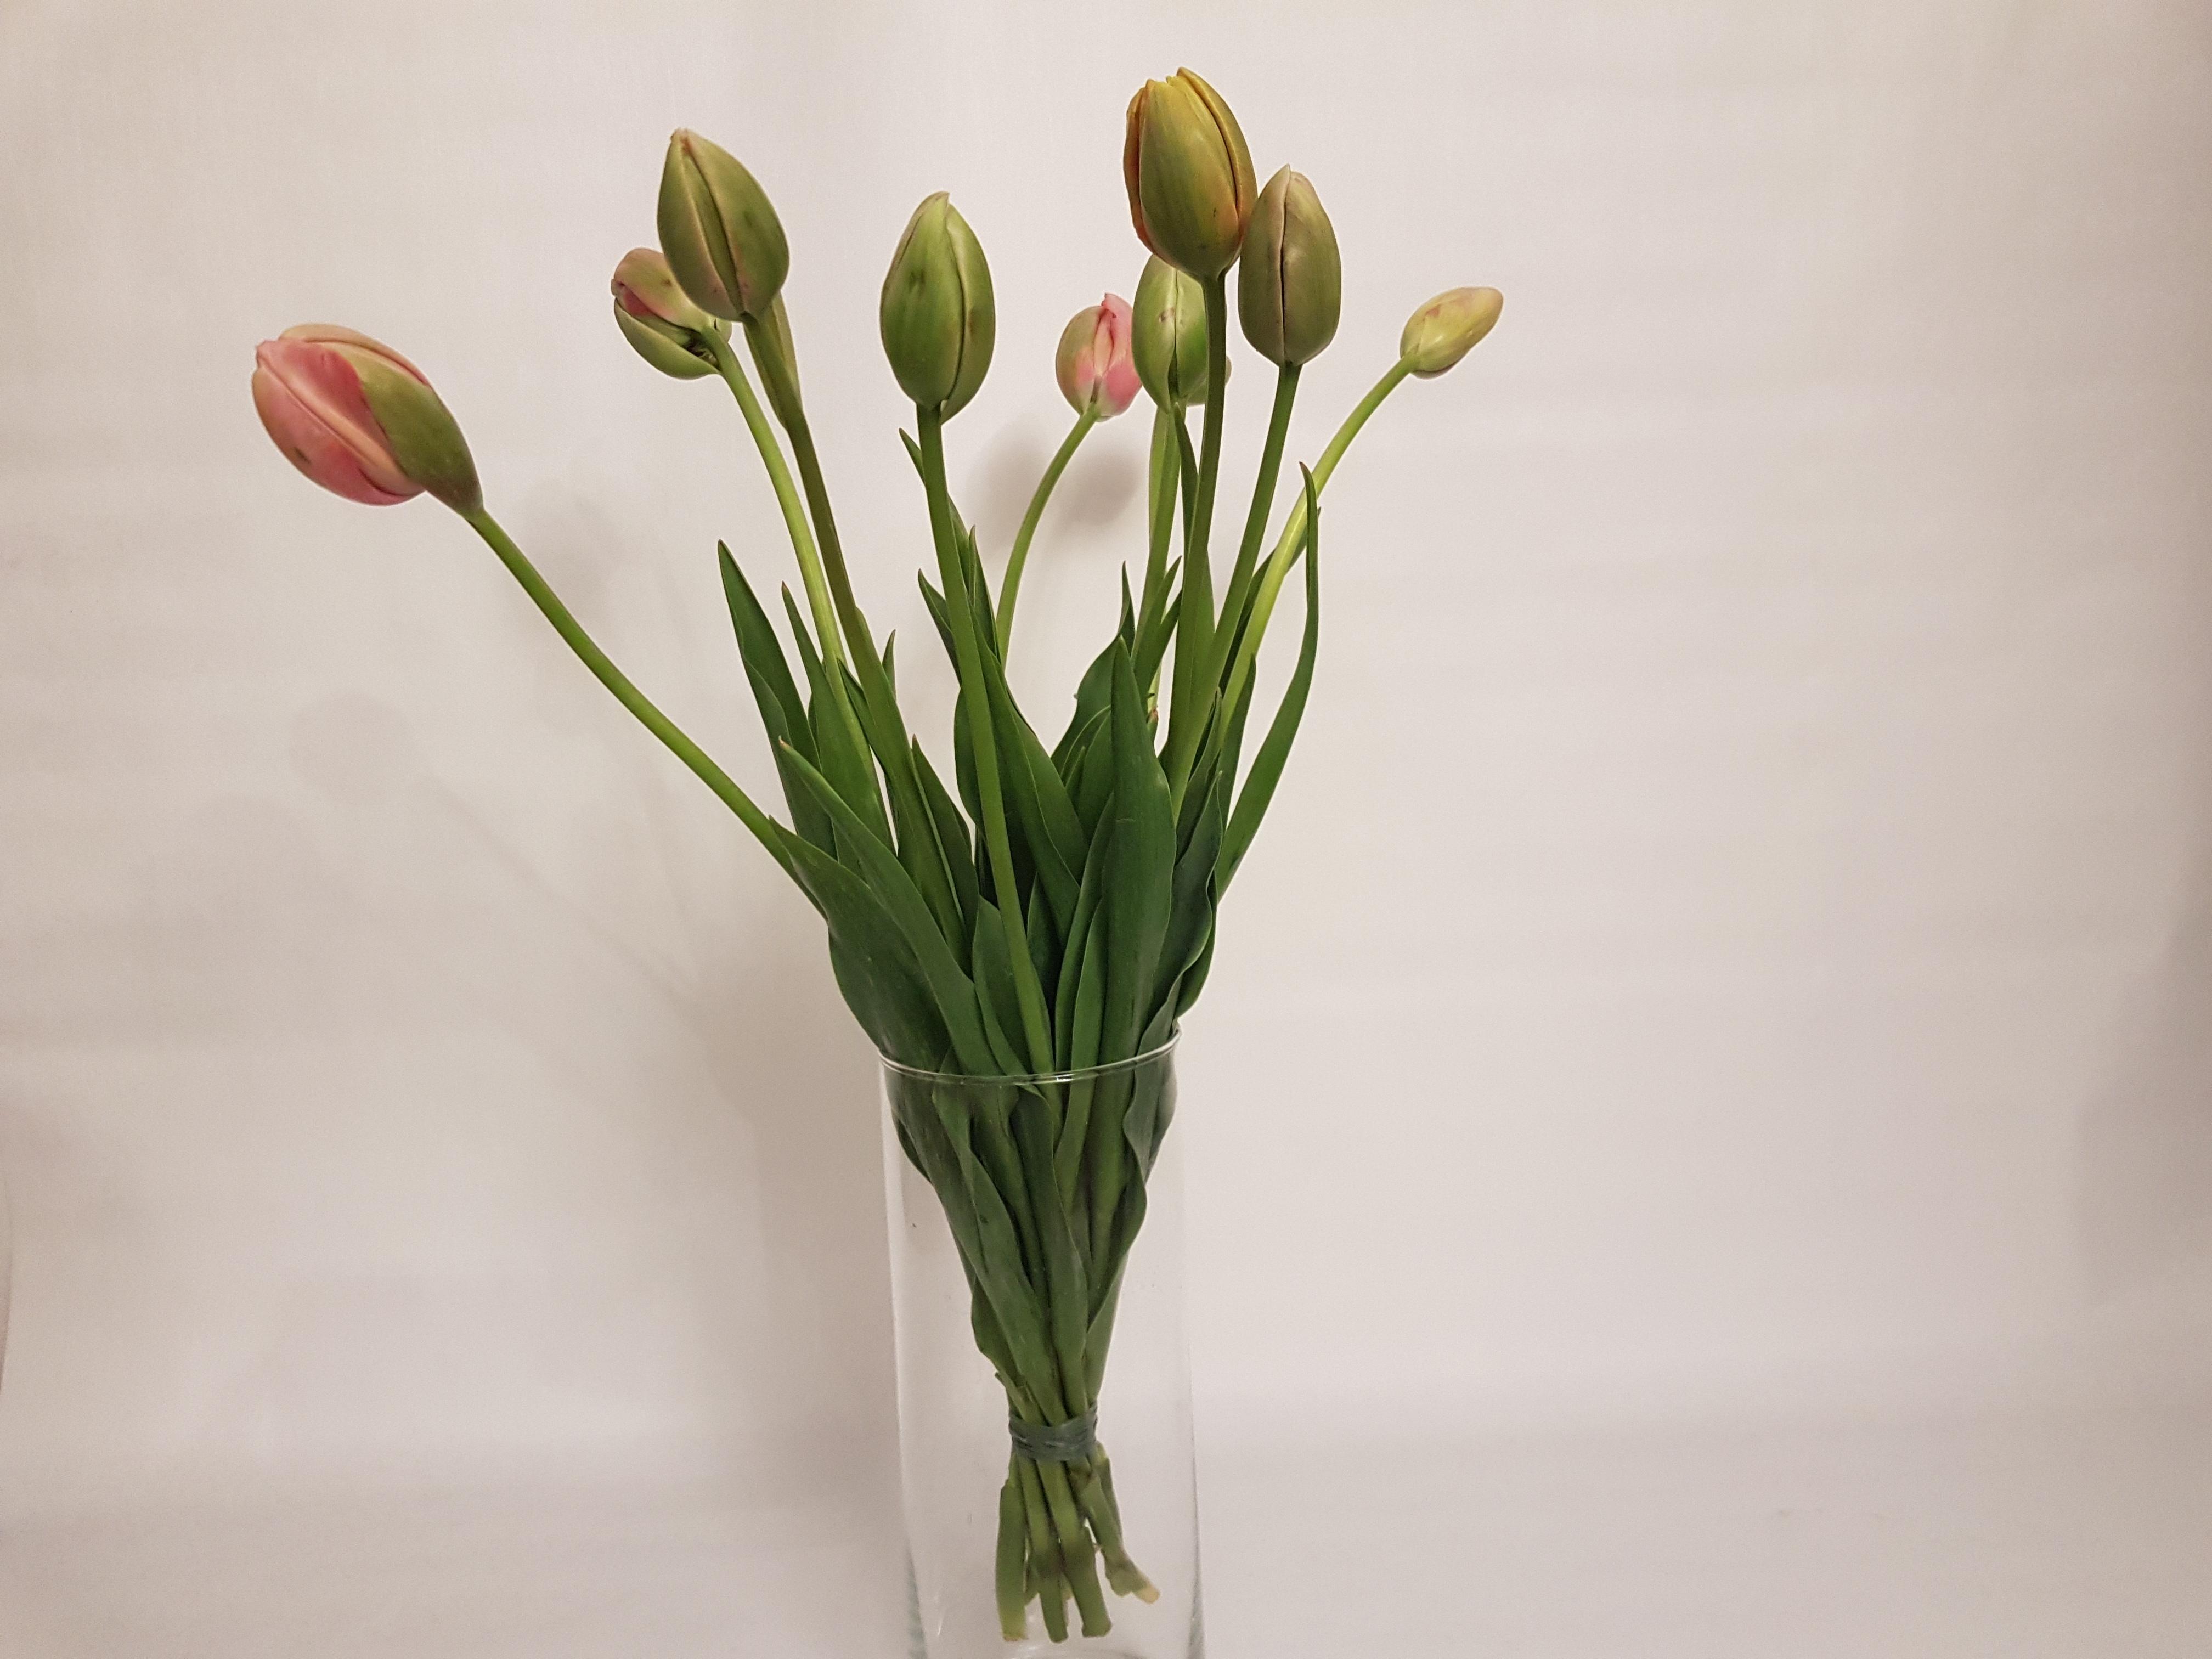 Französische Tulpen Sind Blumen Den Man Beim Wachsen Zuschauen Kann